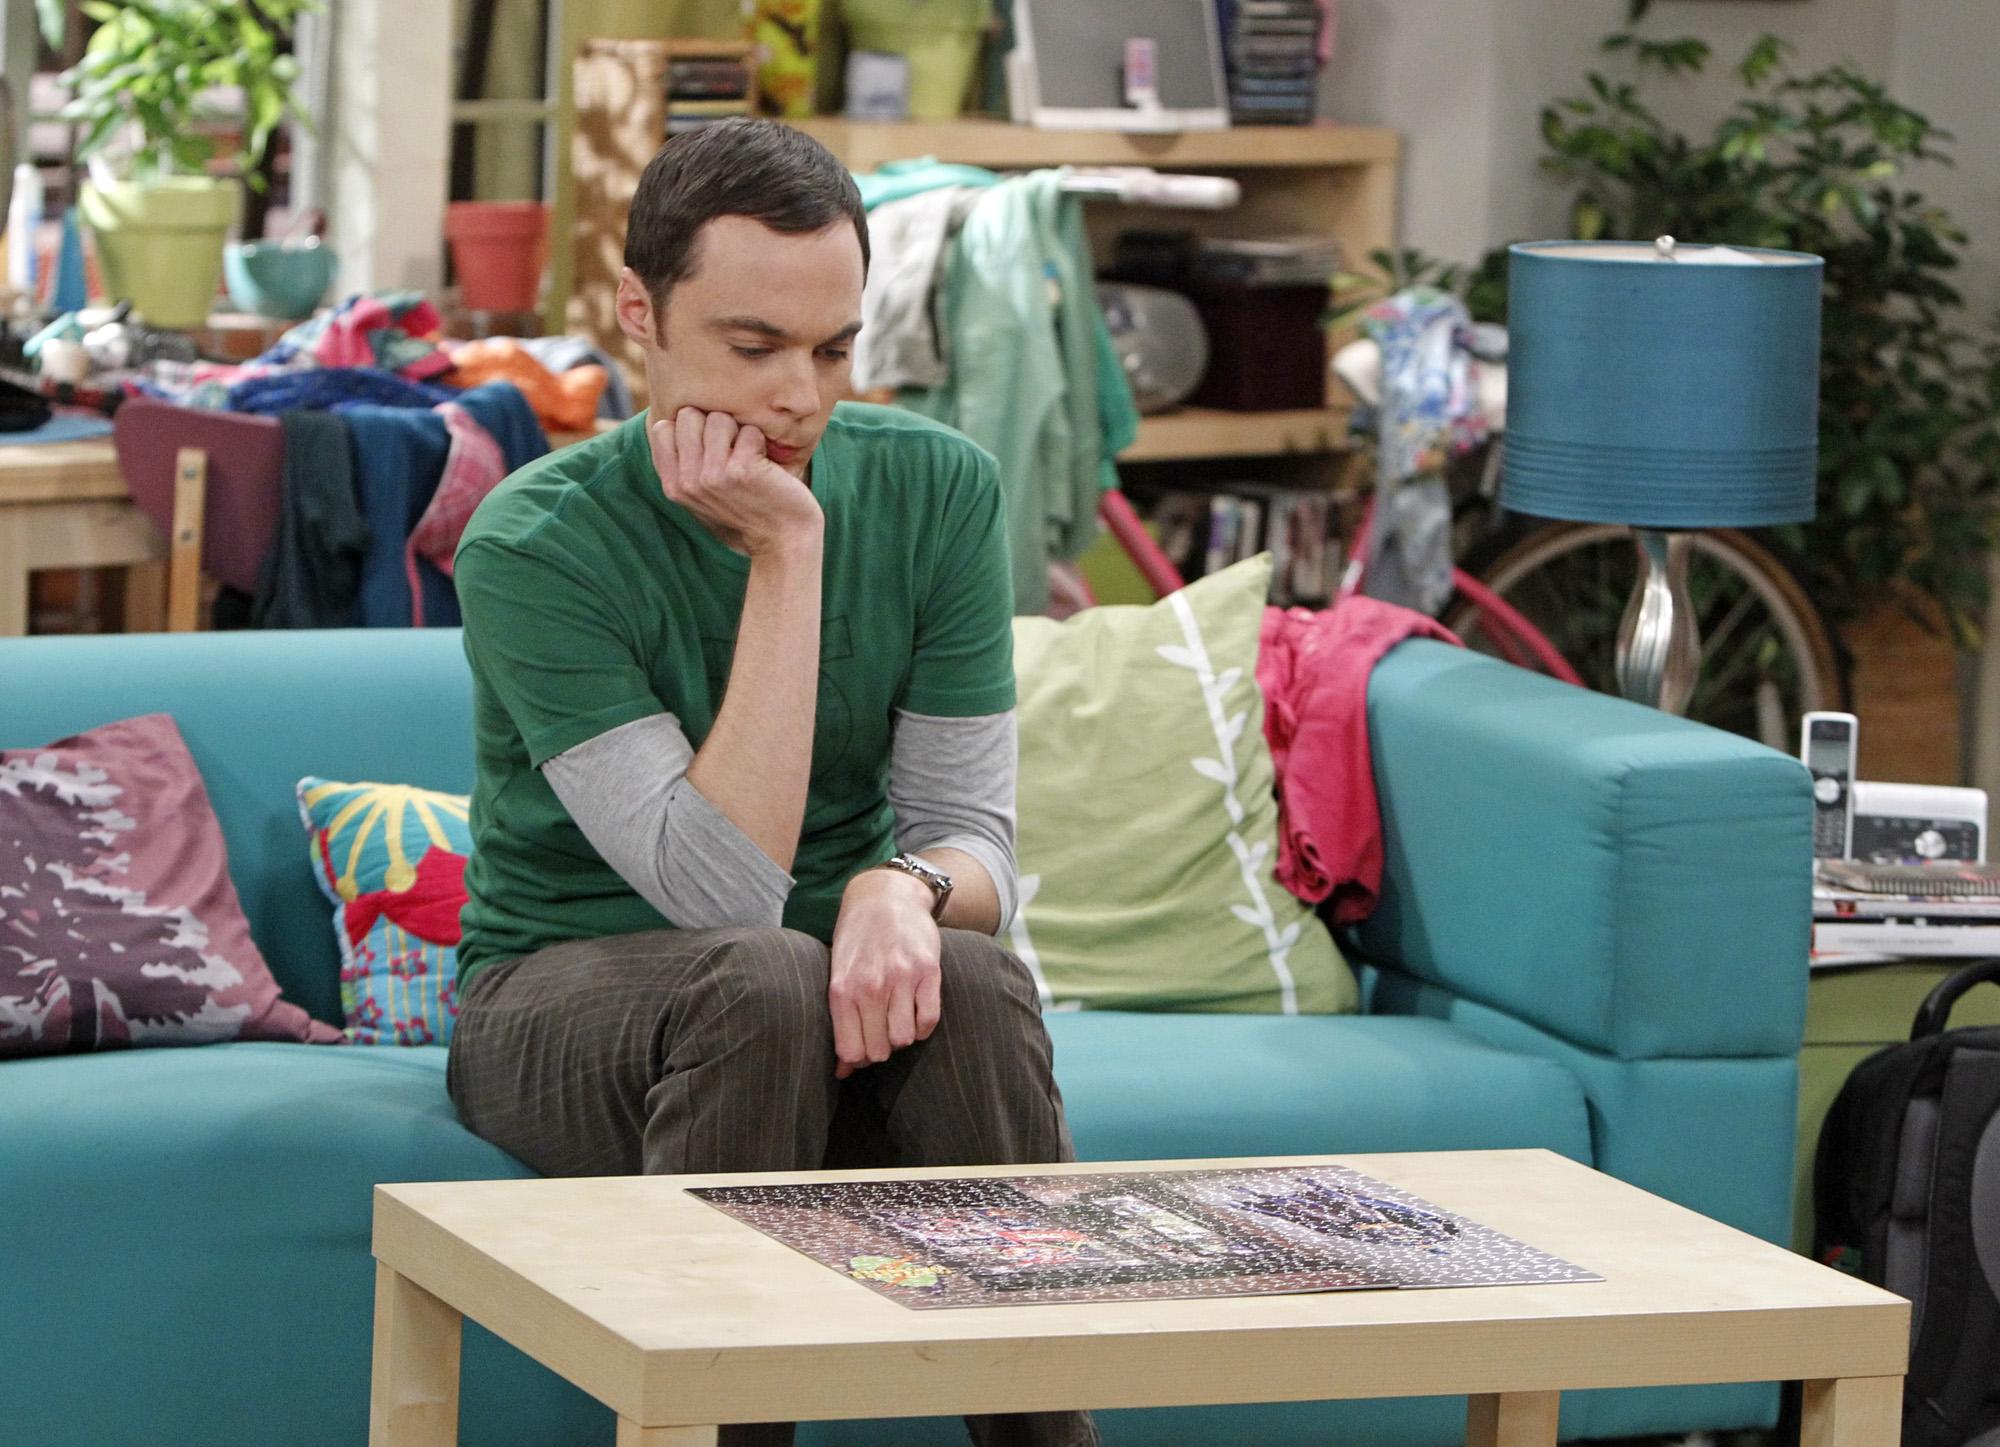 Sheldon in